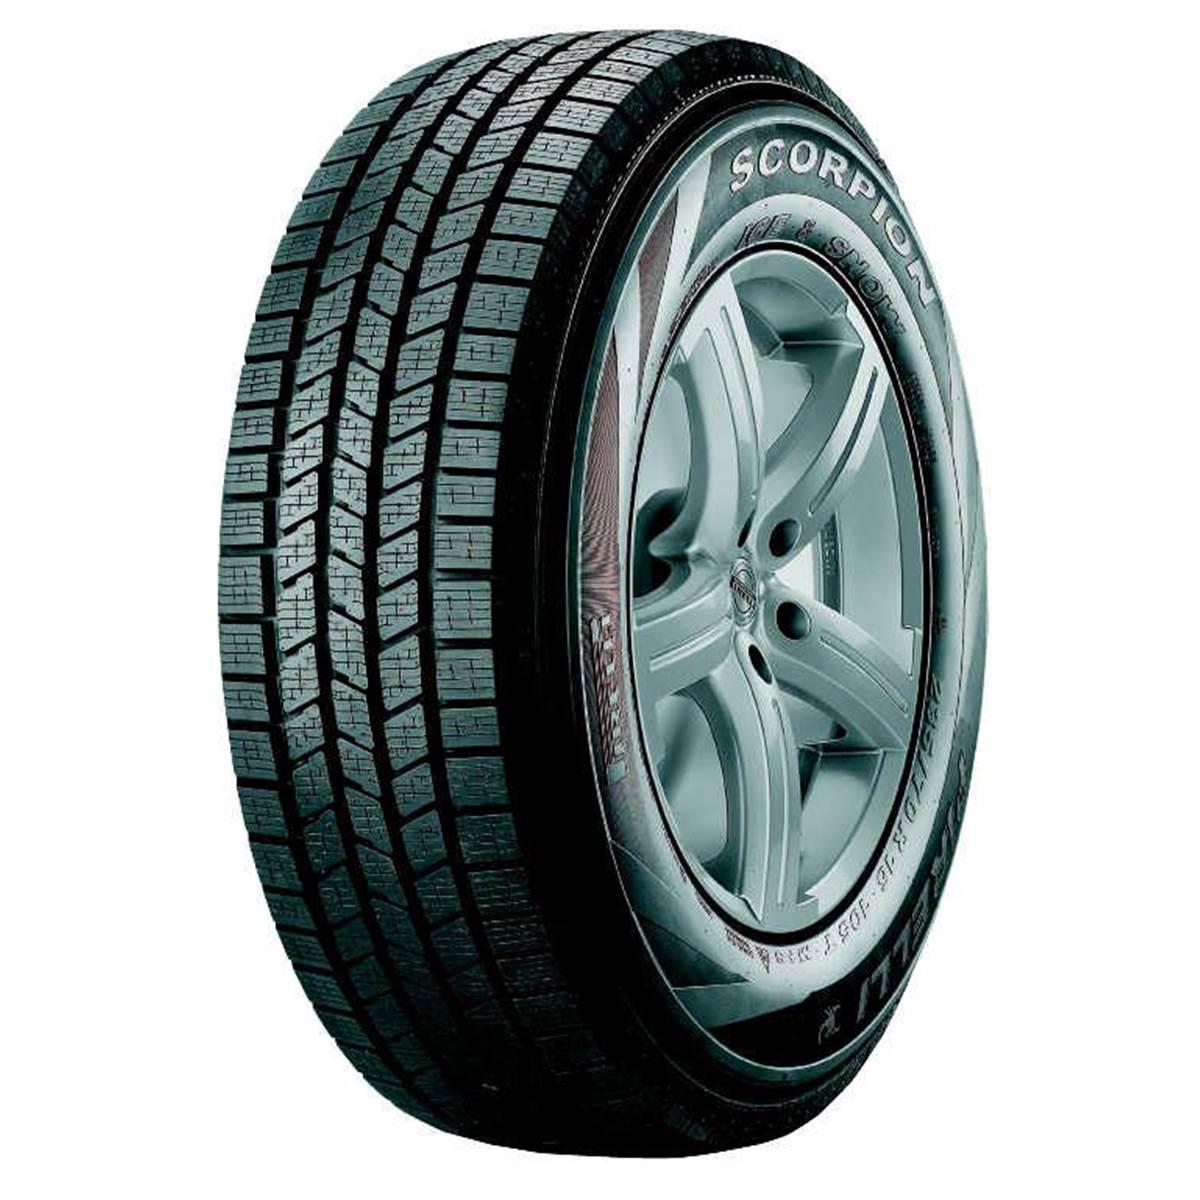 Pirelli Scorpion Winter N1 Xl